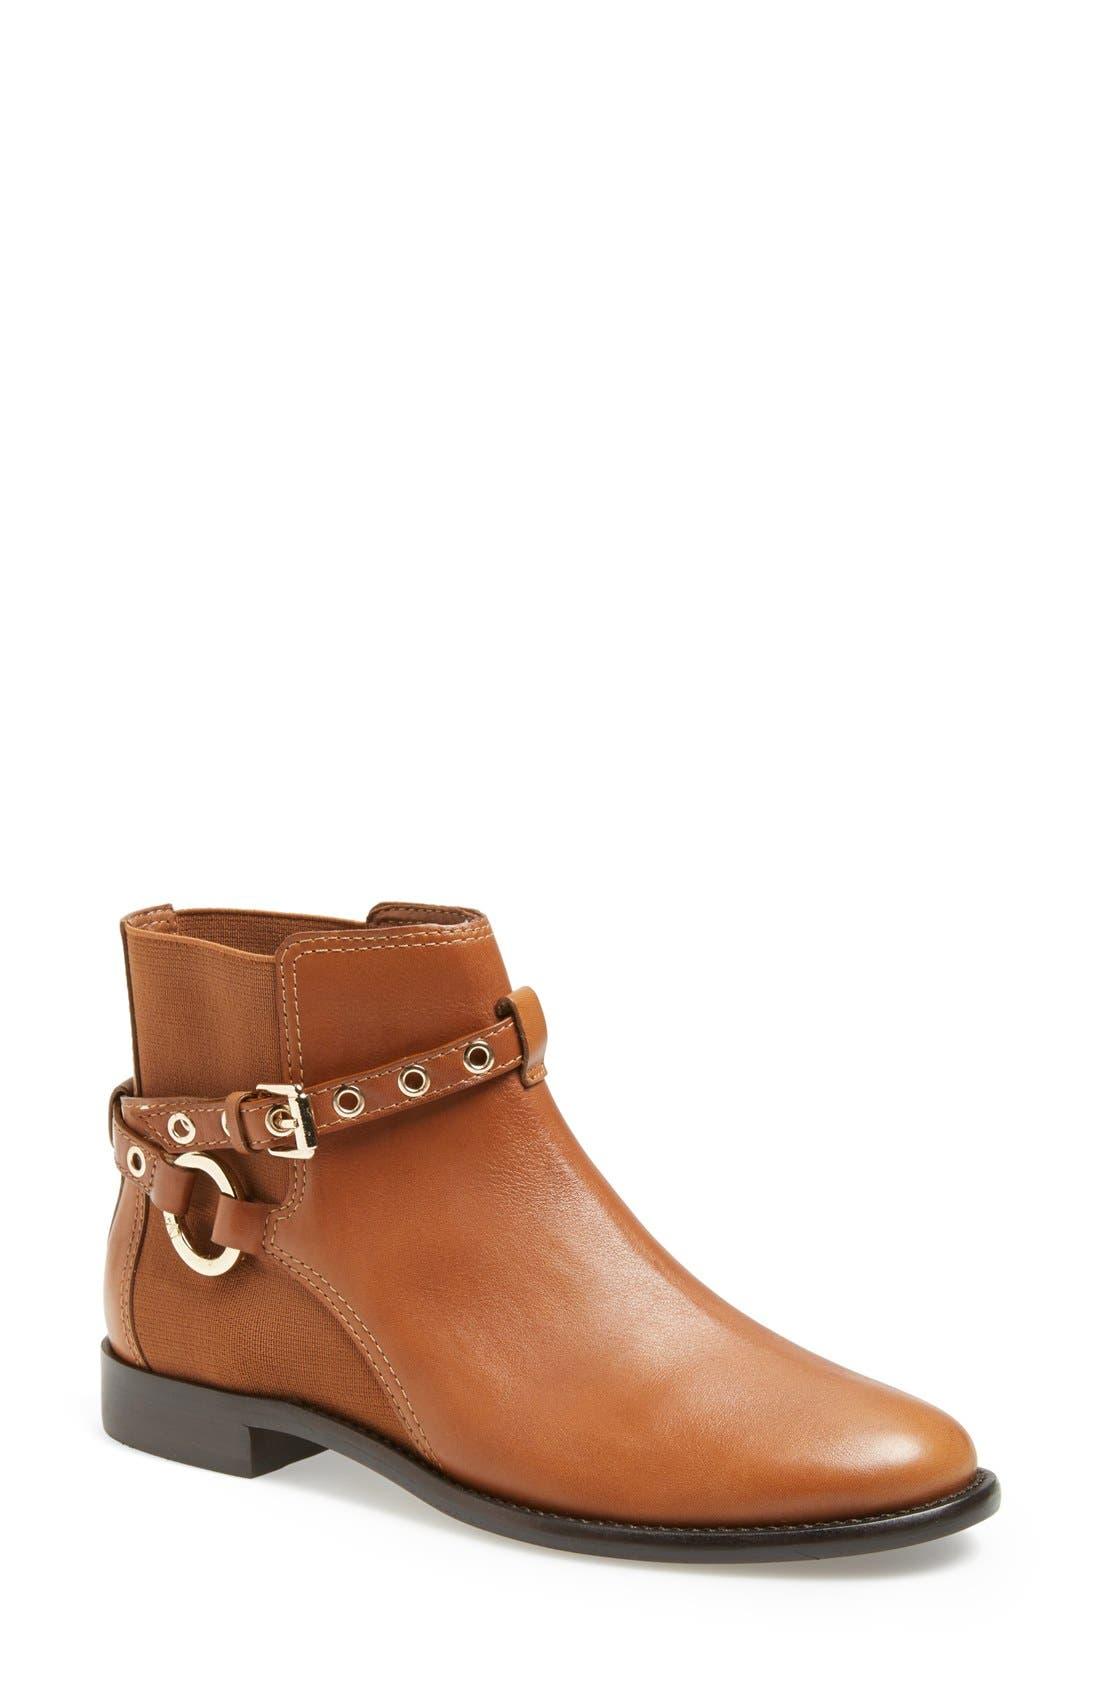 Alternate Image 1 Selected - Diane von Furstenberg 'Rikki' Leather Boot (Women)